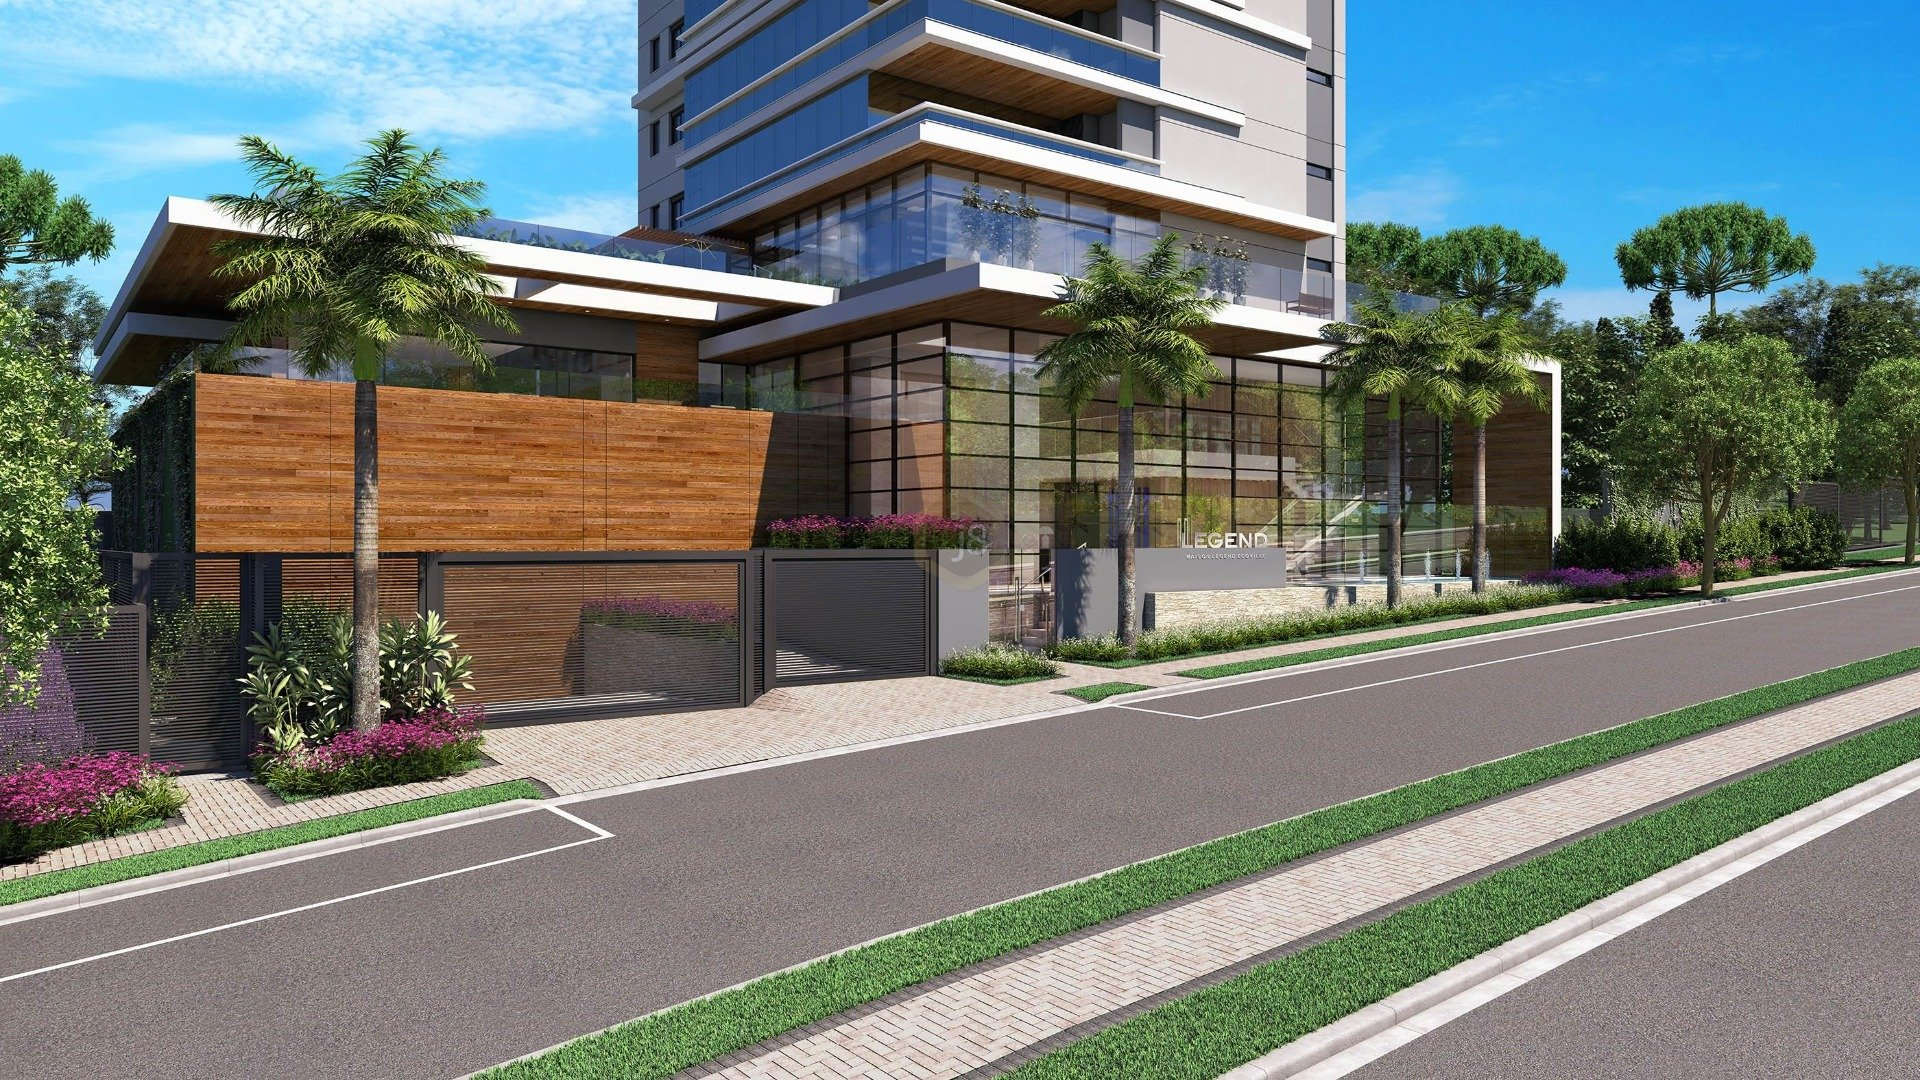 Foto de destaque Apartamento de alto padrão no ecoville